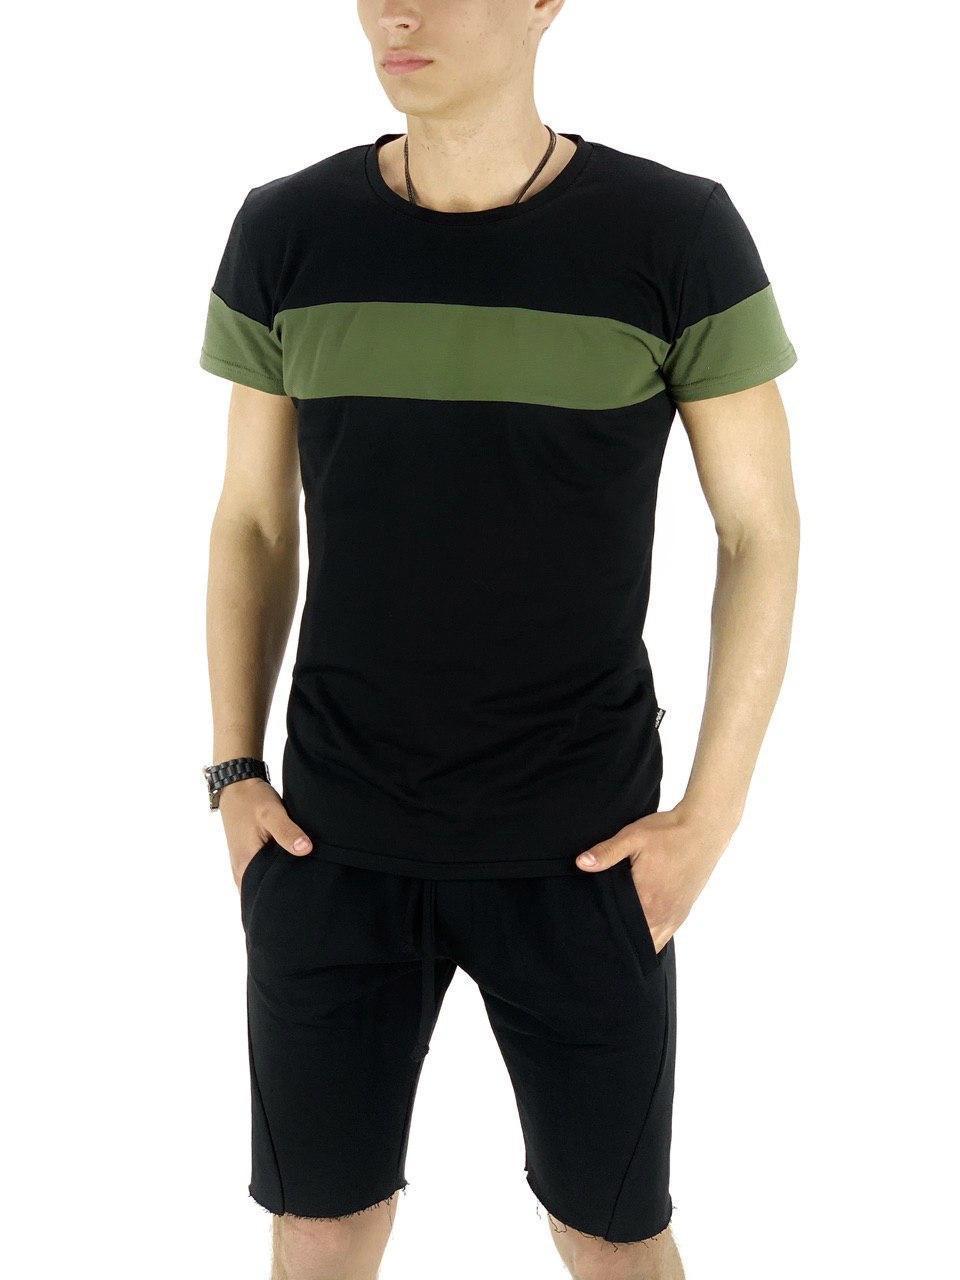 Комплект Футболка и шорты Intruder Color Stripe Intruder XL Черный с хаки (Kom1589369589/ 4)